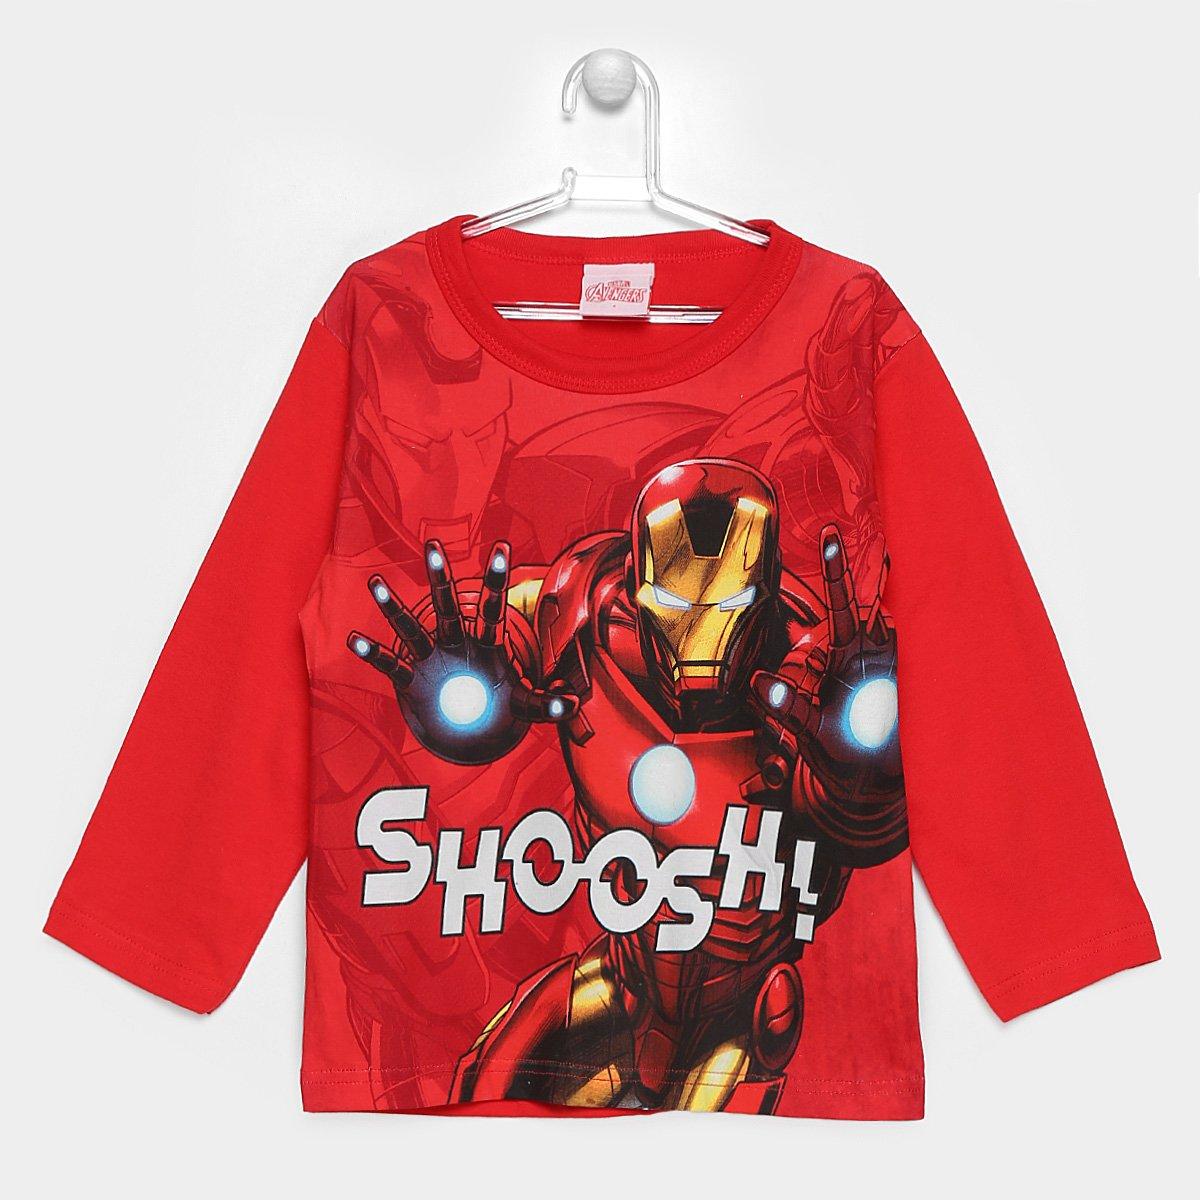 afc495cc90 Camiseta Brandili Marvel Homem De Ferro Infantil - Compre Agora ...